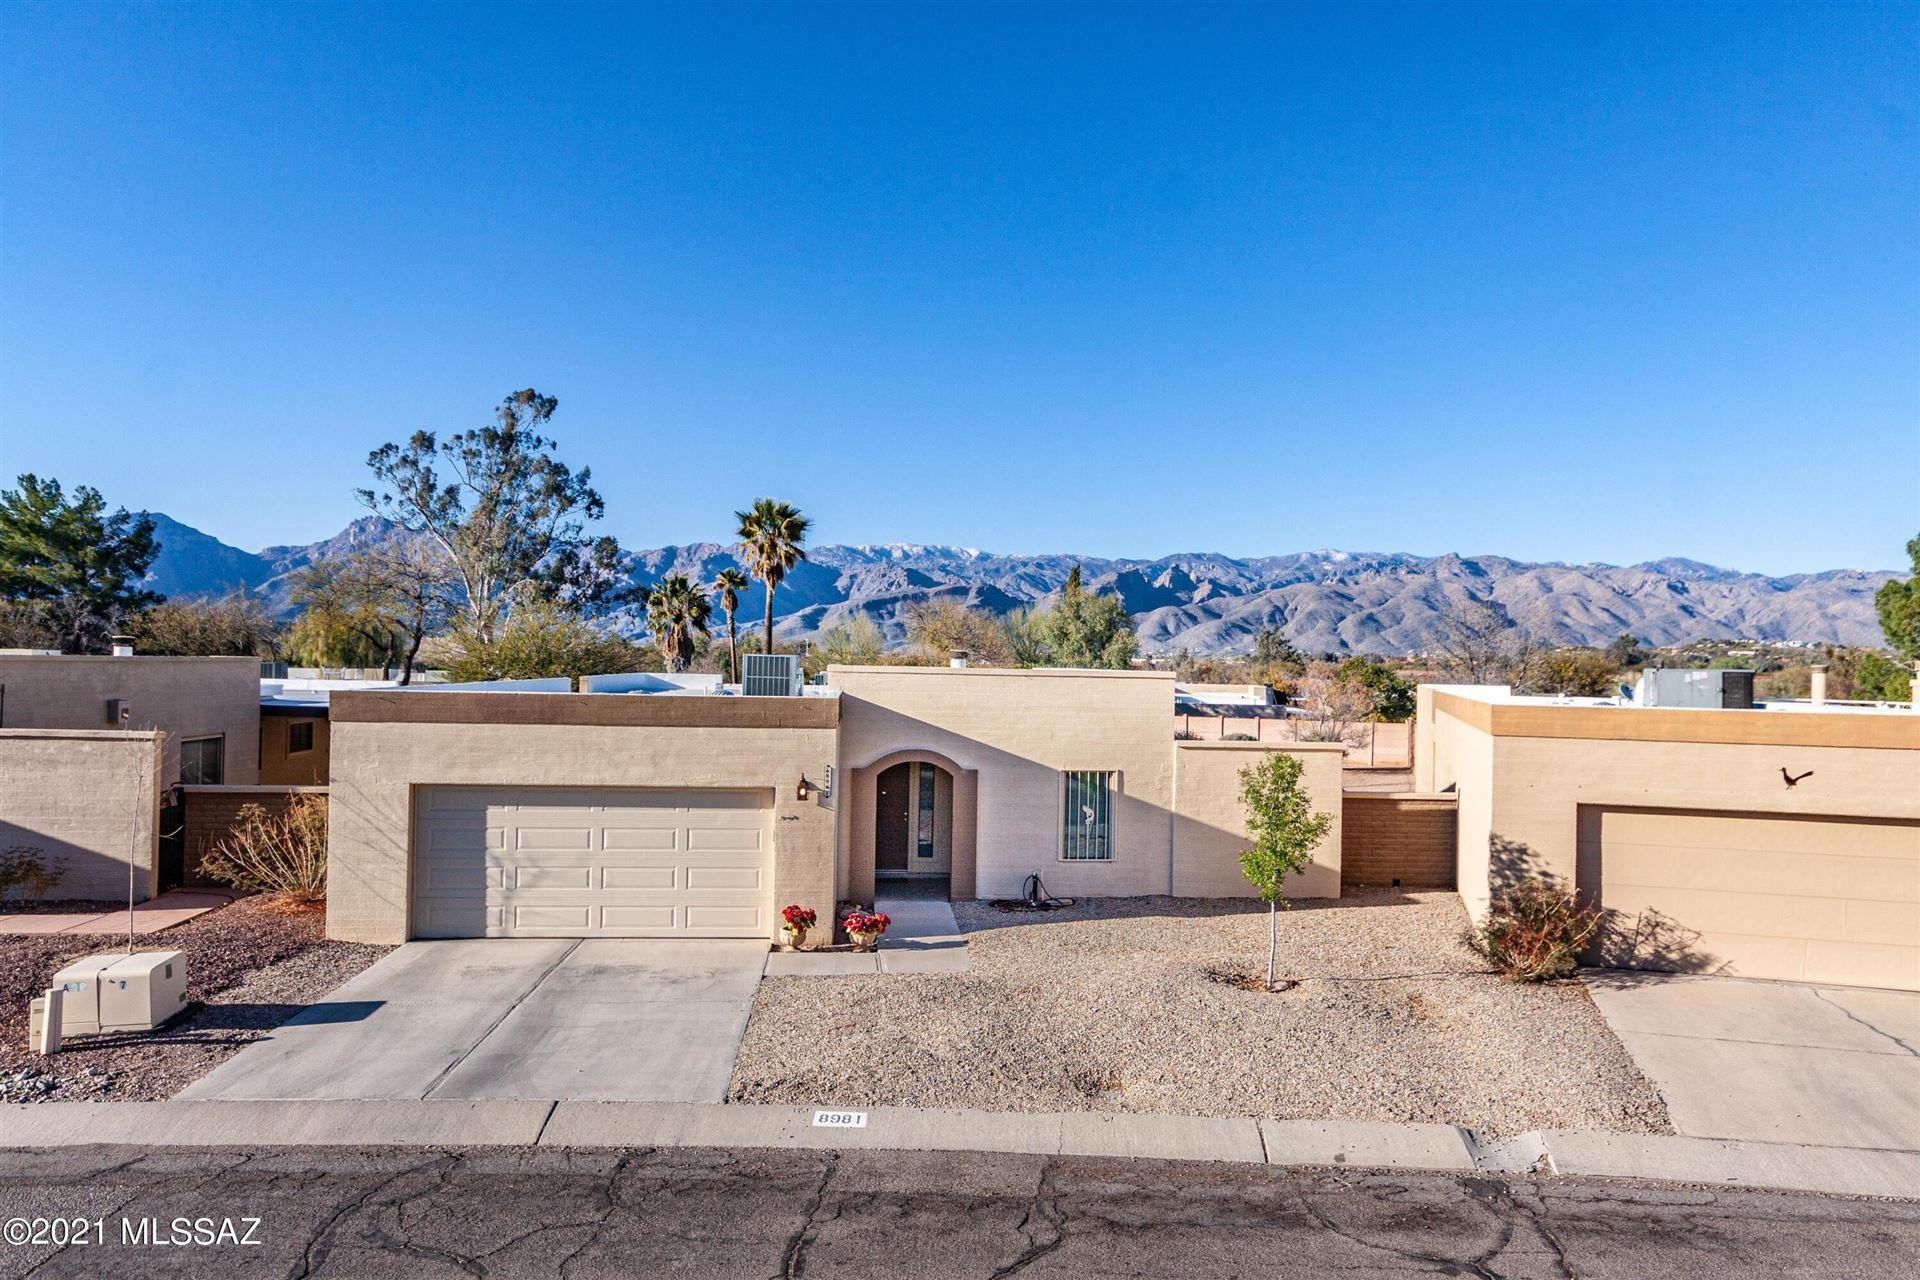 8981 E Waverly Street, Tucson, AZ 85715 - #: 22107191